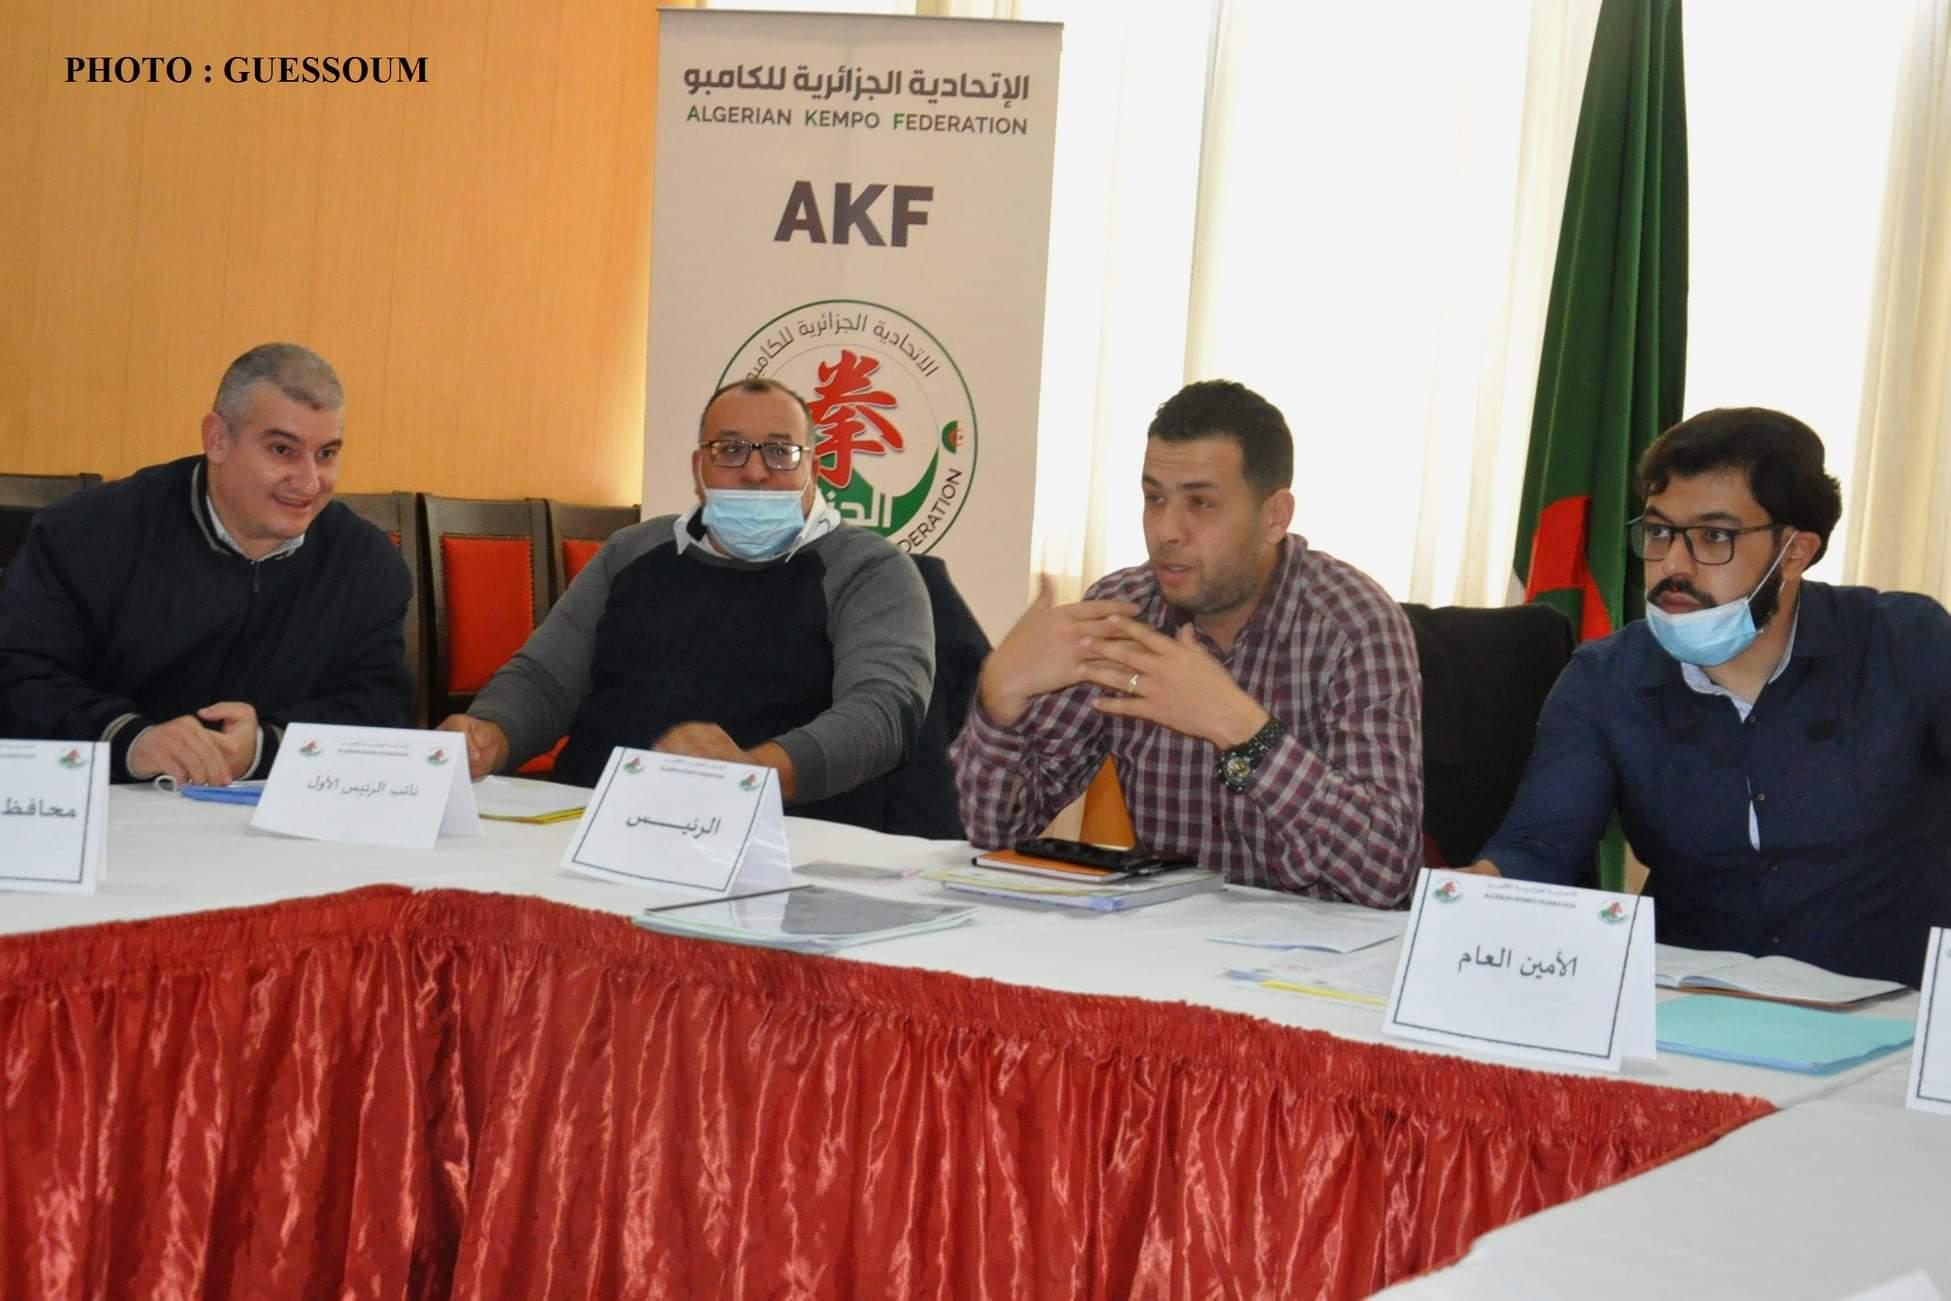 إعادة انتخاب هشام أوحليمة رئيسا للاتحادية الجزائرية للكامبو